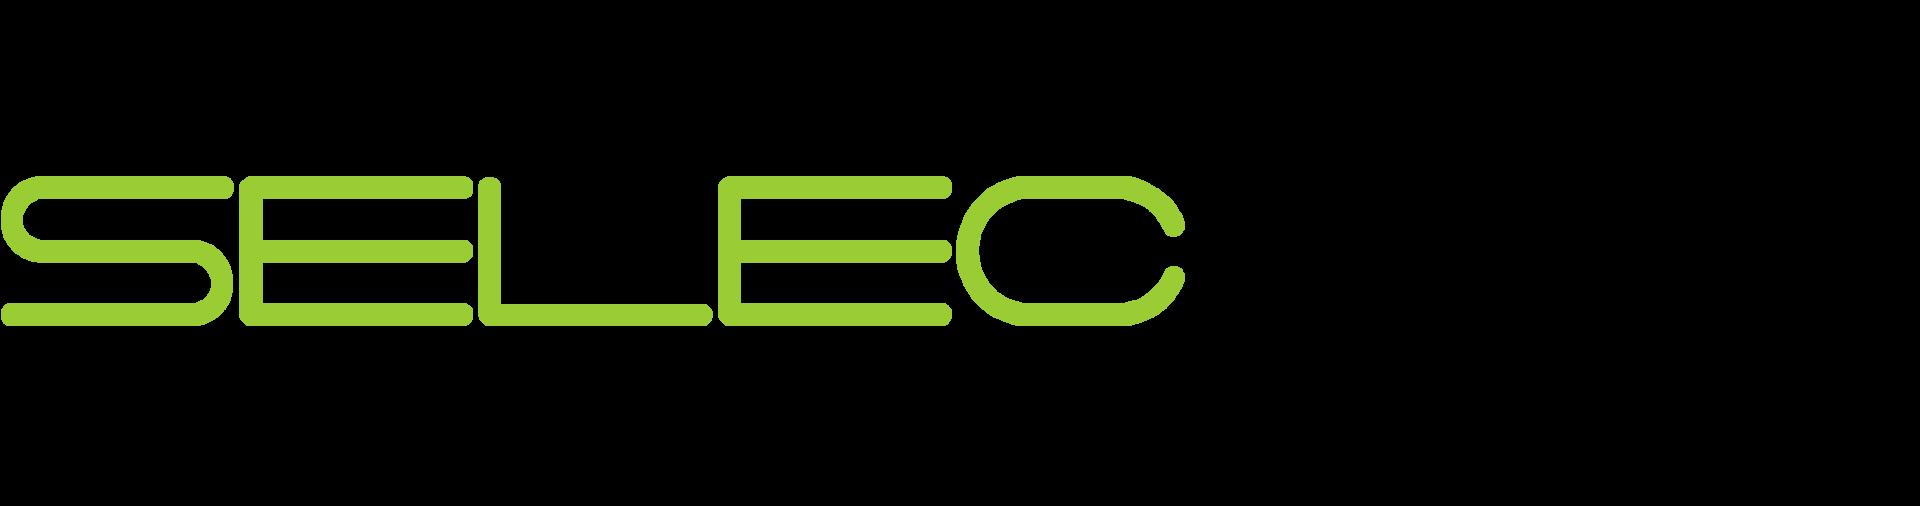 Selecdoo ermöglicht es Ihnen nach einem erfolgreichen Setup, Umsatz nahezu auf Knopfdruck zu generieren! Selecdoo ist eine Marke der N3M – Connecting Businesses!